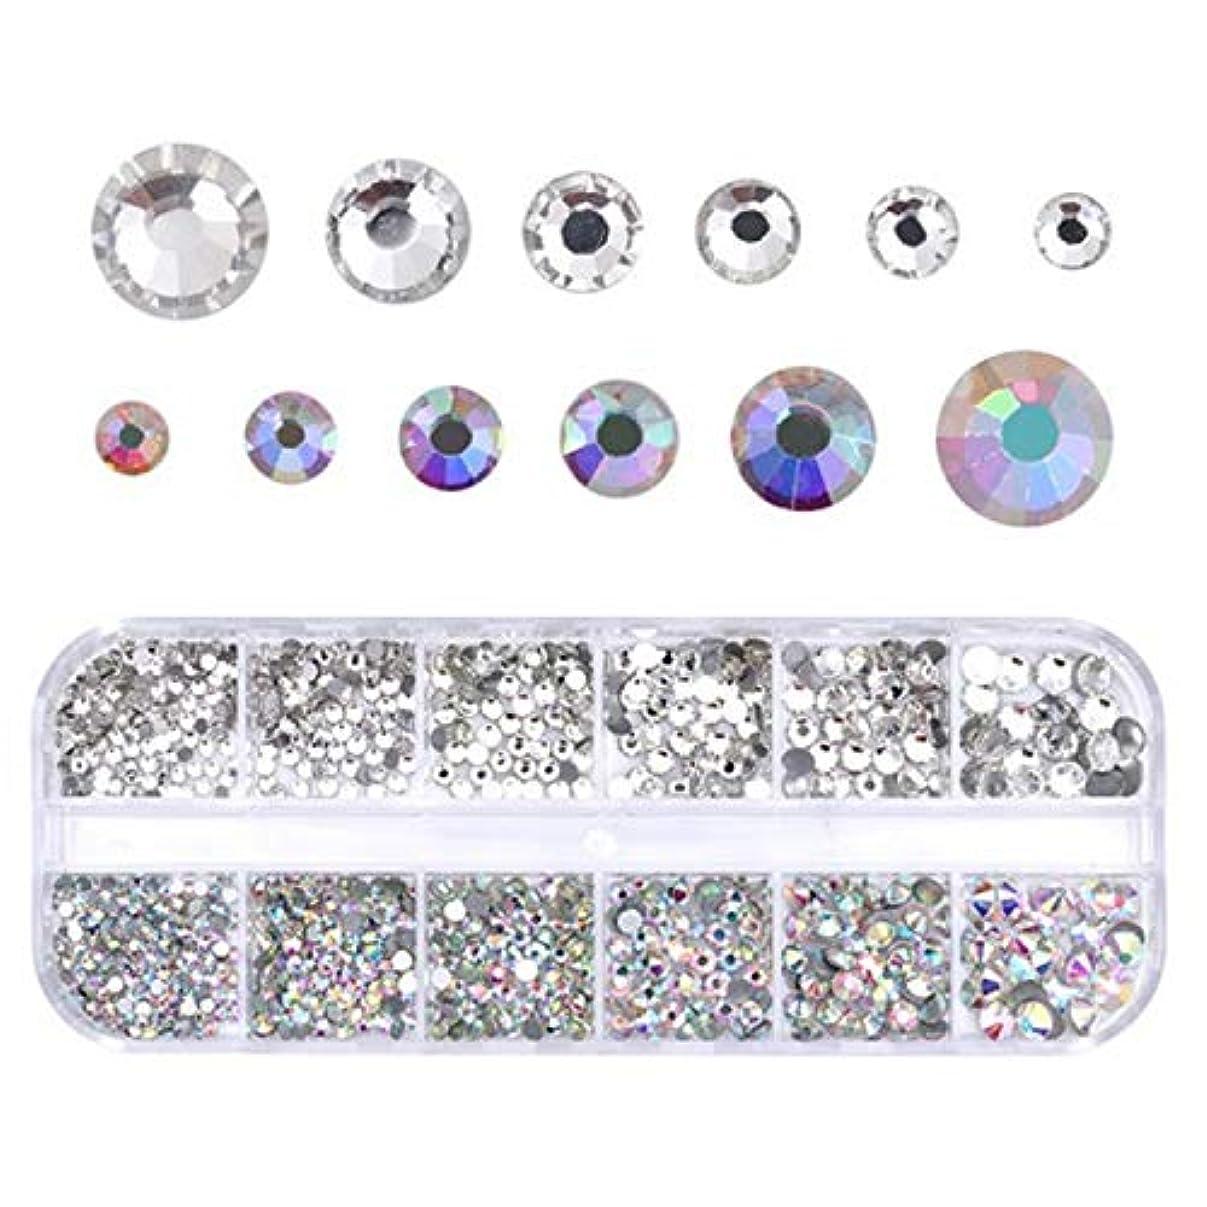 検査枯渇する先住民Migavann 12-Grids ネイルアートラインストーン ネイルクリスタルフラットバックラインストーンクリアガラスチャーム宝石ストーンダイヤモンド